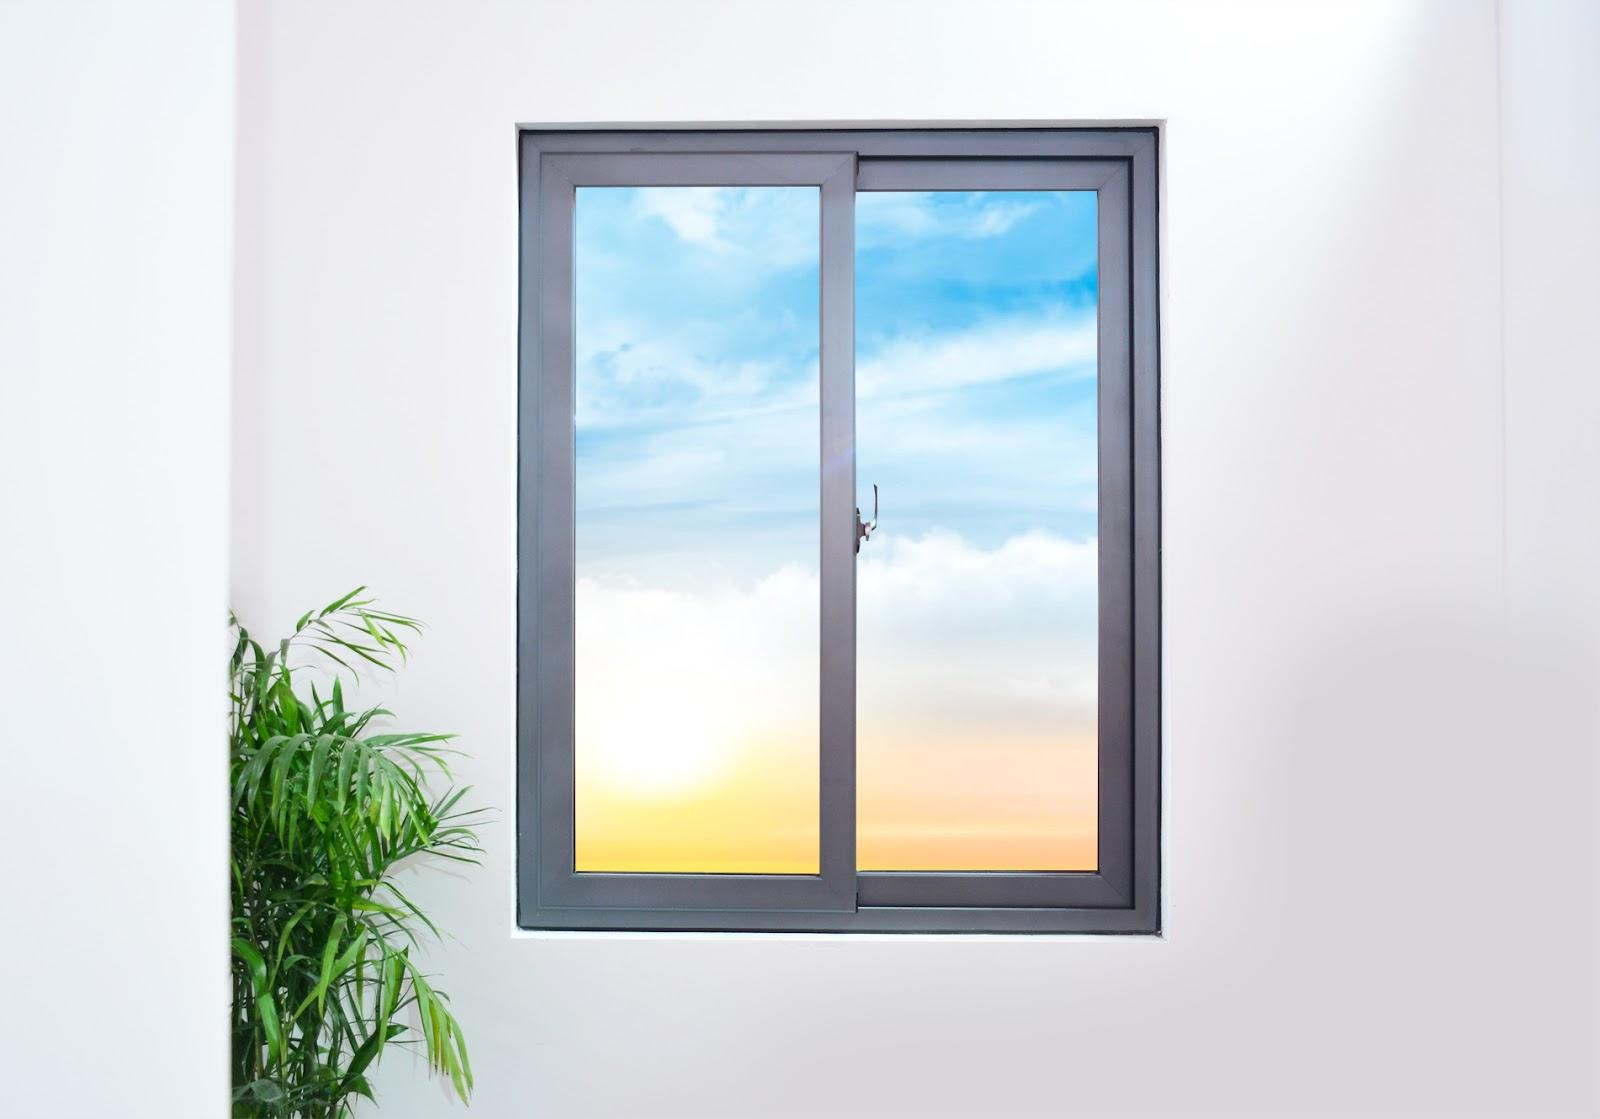 Cửa sổ không có thanh chắn có tính thẩm mỹ cao nhưng có thể nguy hiểm